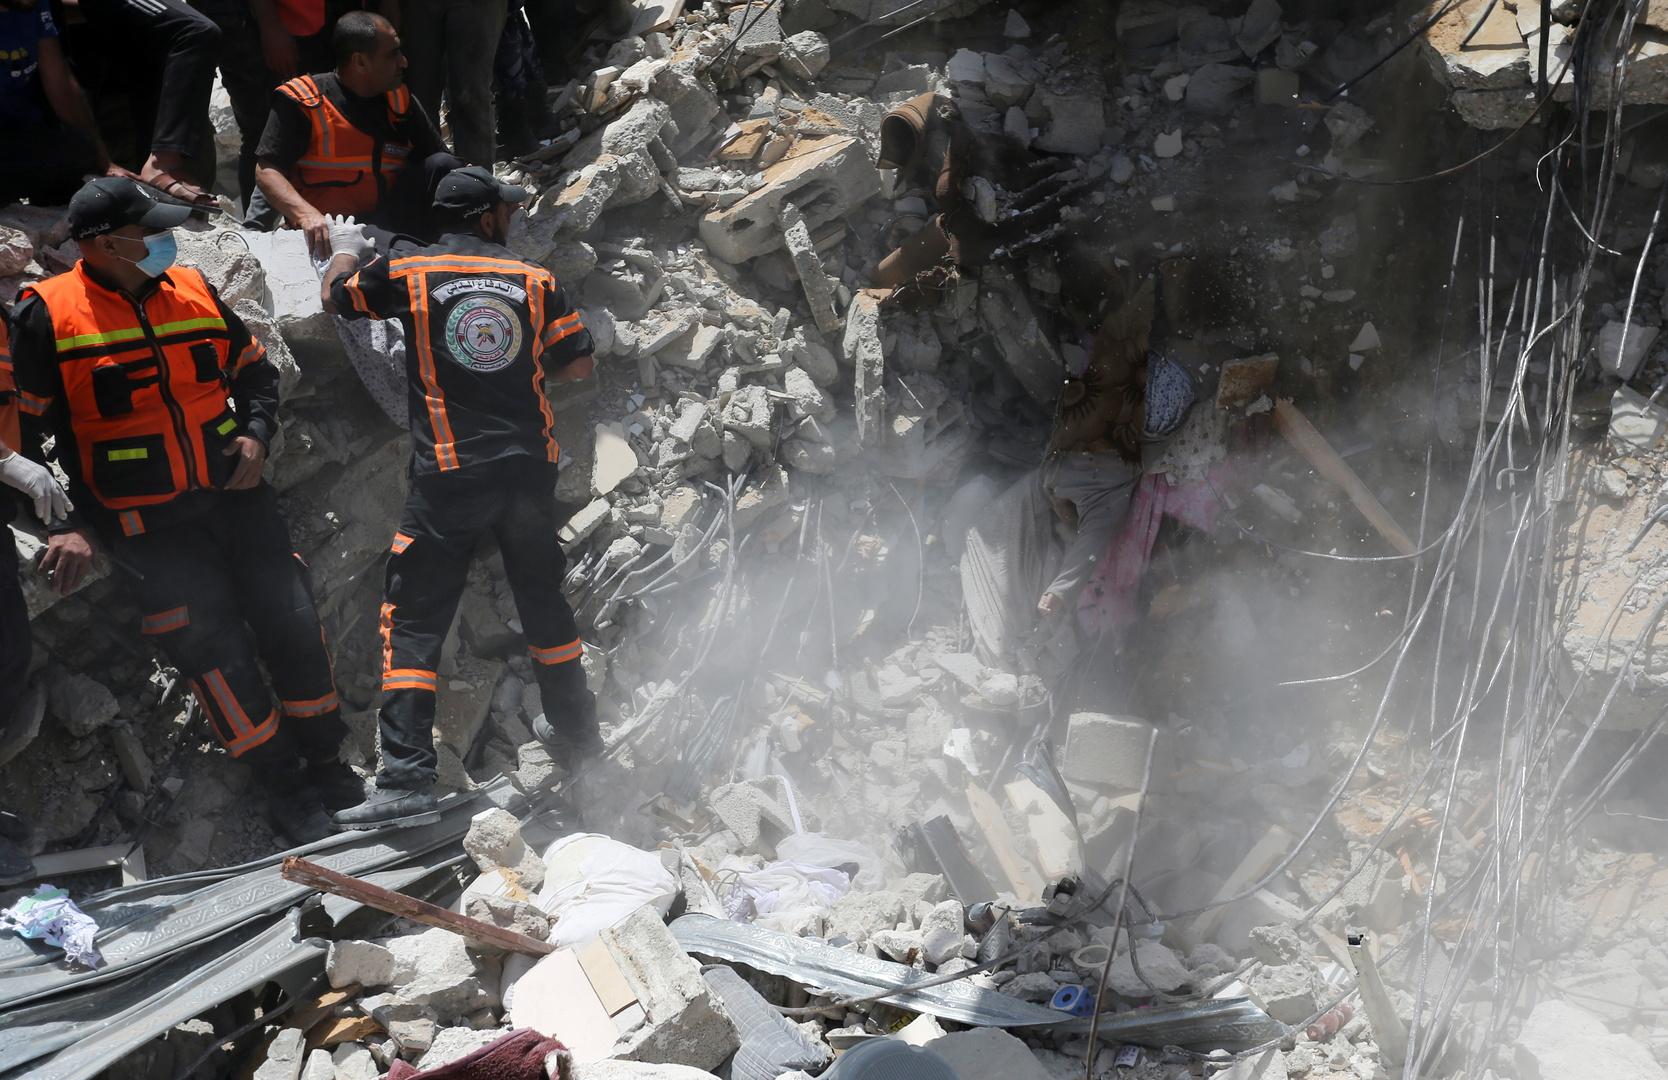 ارتفاع حصيلة قتلى الهجمات الإسرائيلية في قطاع غزة إلى 188 قتيلا بينهم 55 طفلا